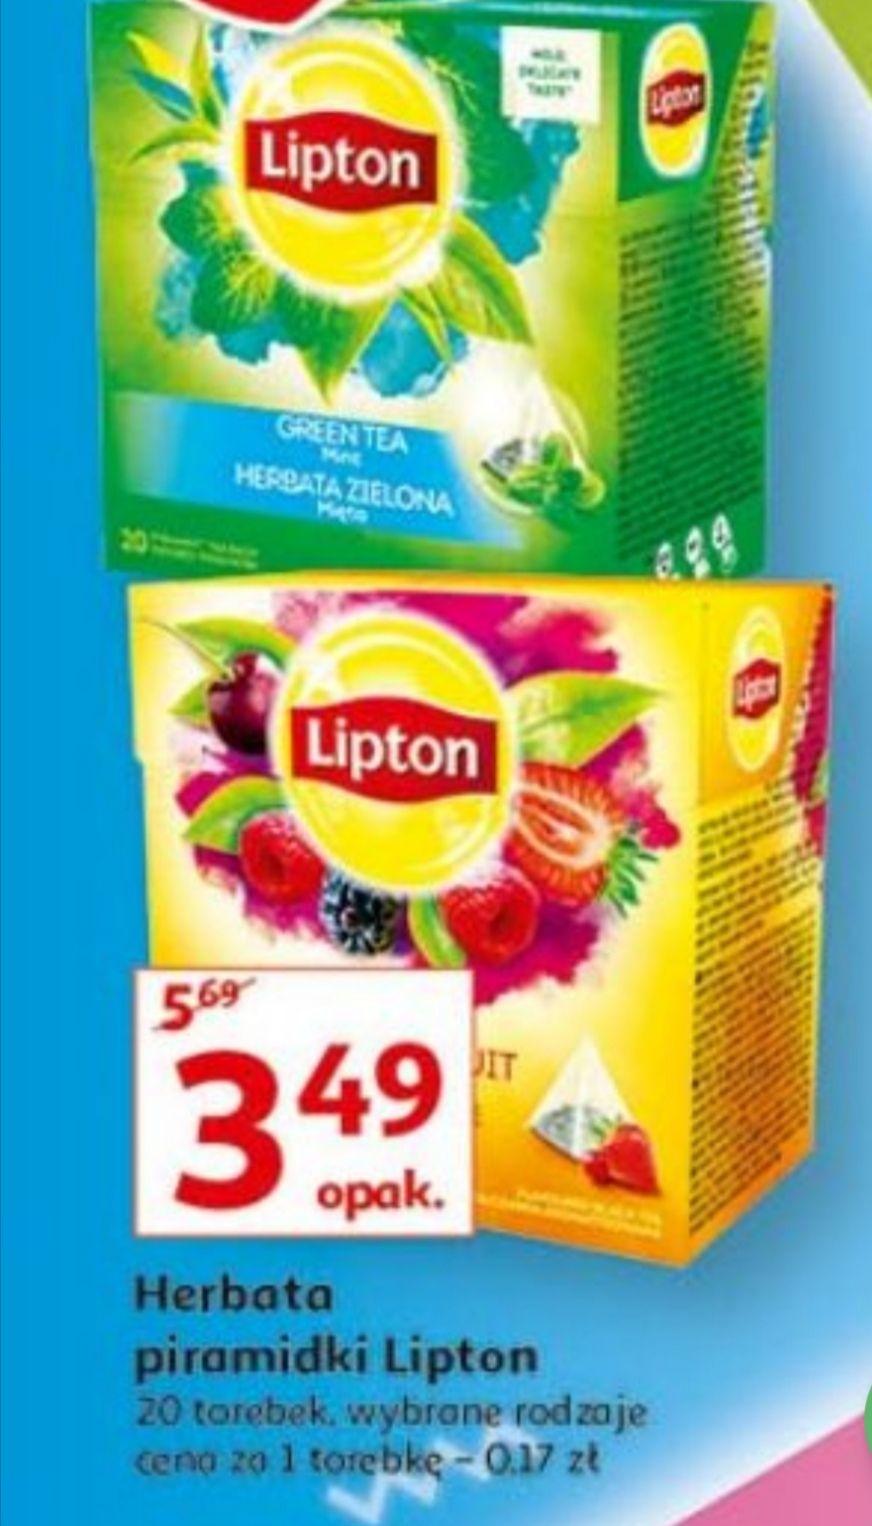 Herbata Lipton piramidki cena za opak.